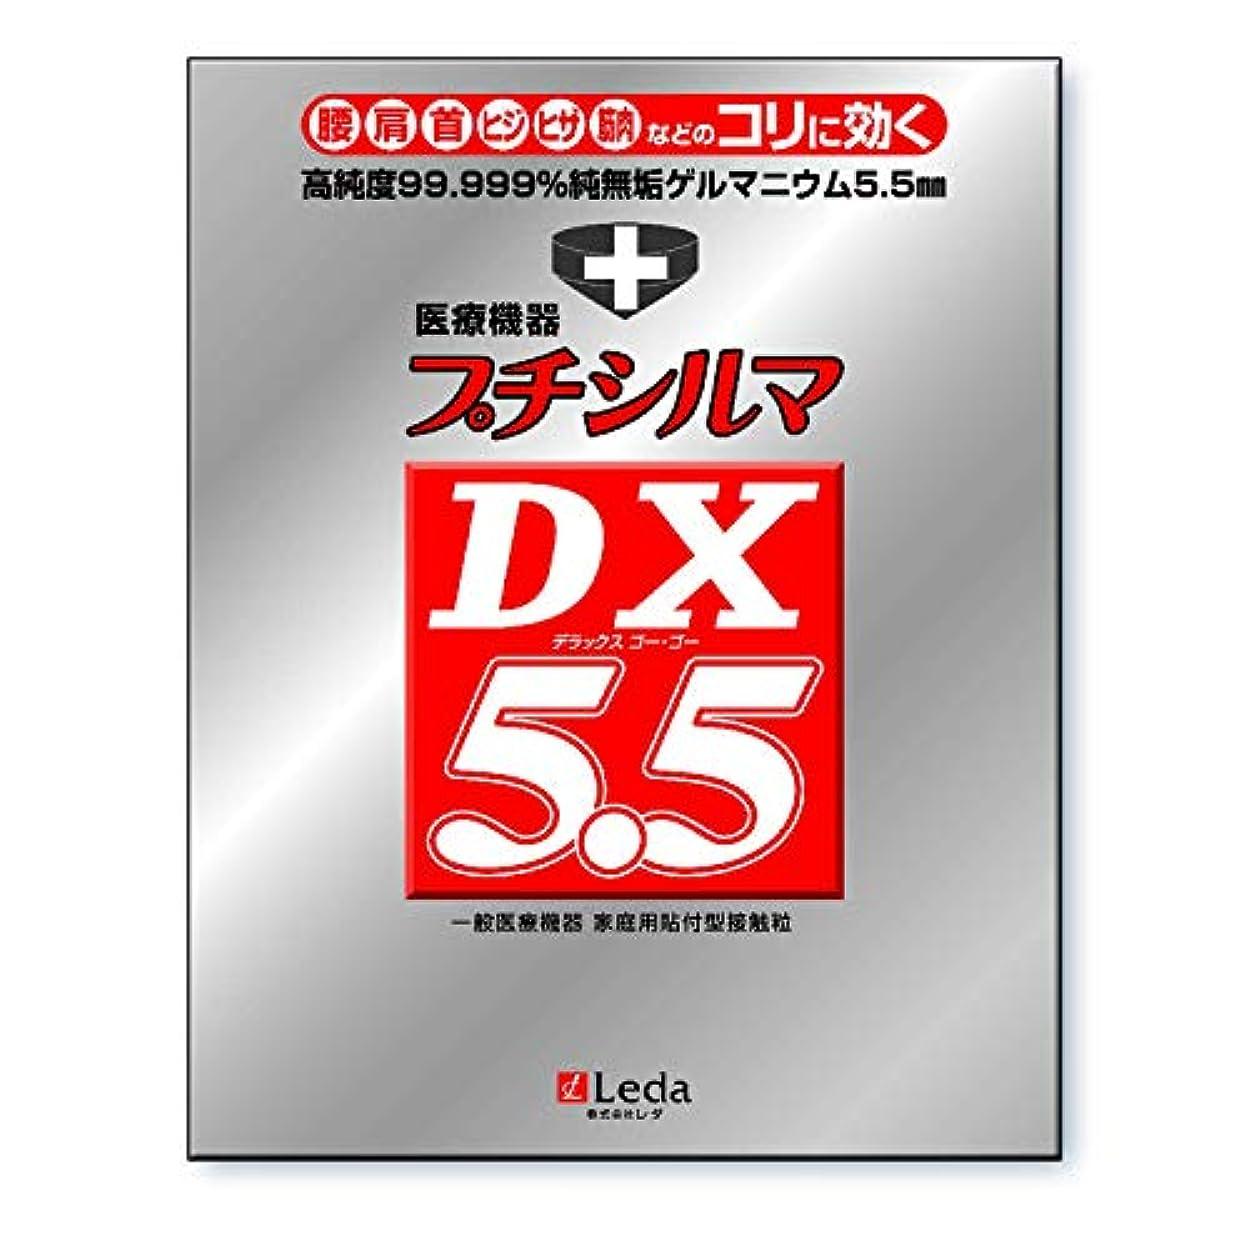 性交滞在ベーコンプチシルマDX 5.5 お徳用替えプラスター200枚付き